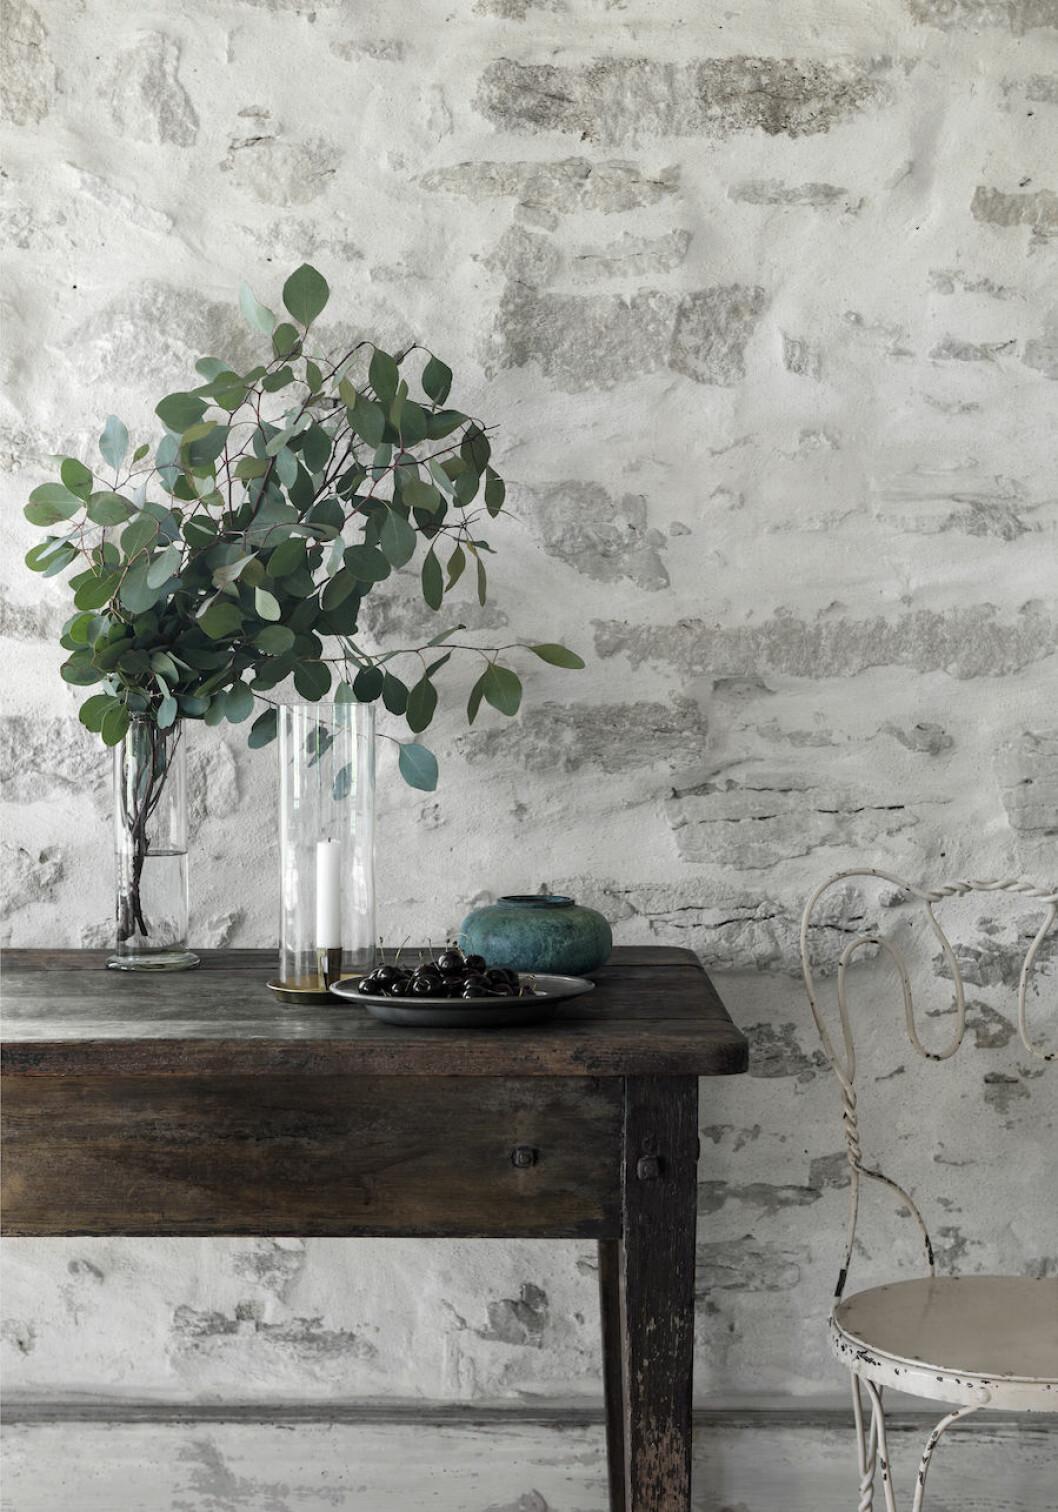 Keramik från Herr Judit och Fat, ljusstake, stol och vas från Garbo interiors hemma hos Joanna Sundström och Johan Lindskog.